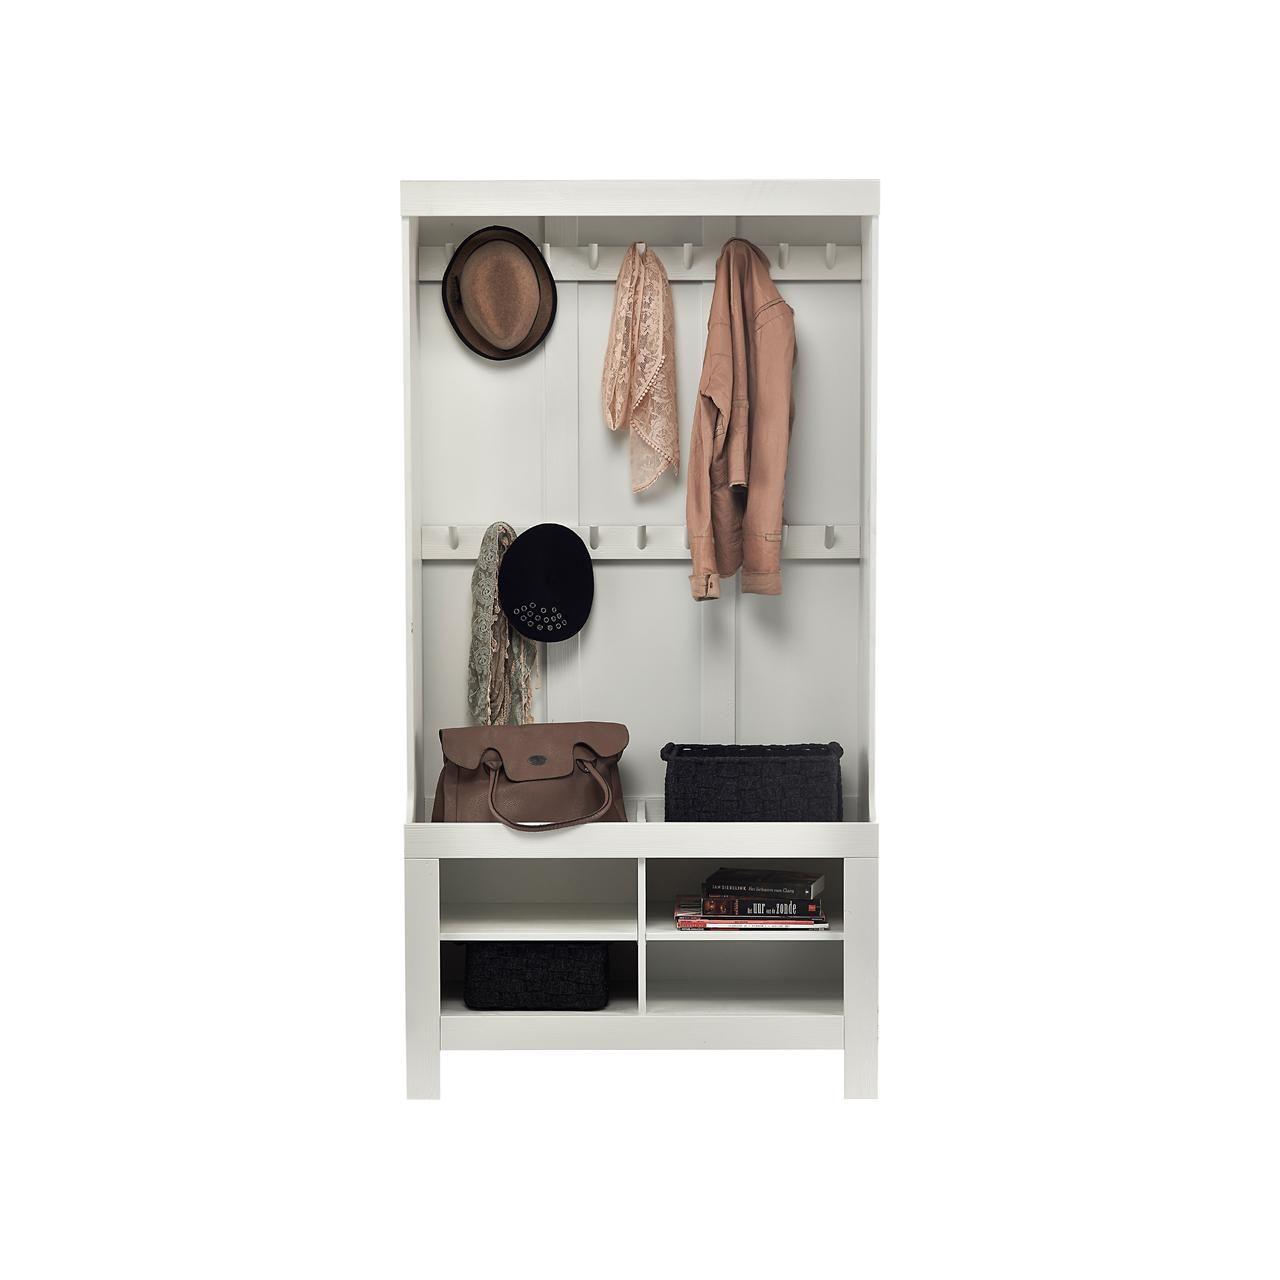 Halkasten op maat 33 best images about vloer on pinterest hal kasten op maat woonkamer kast - Deco hal binnenkomst huis ...